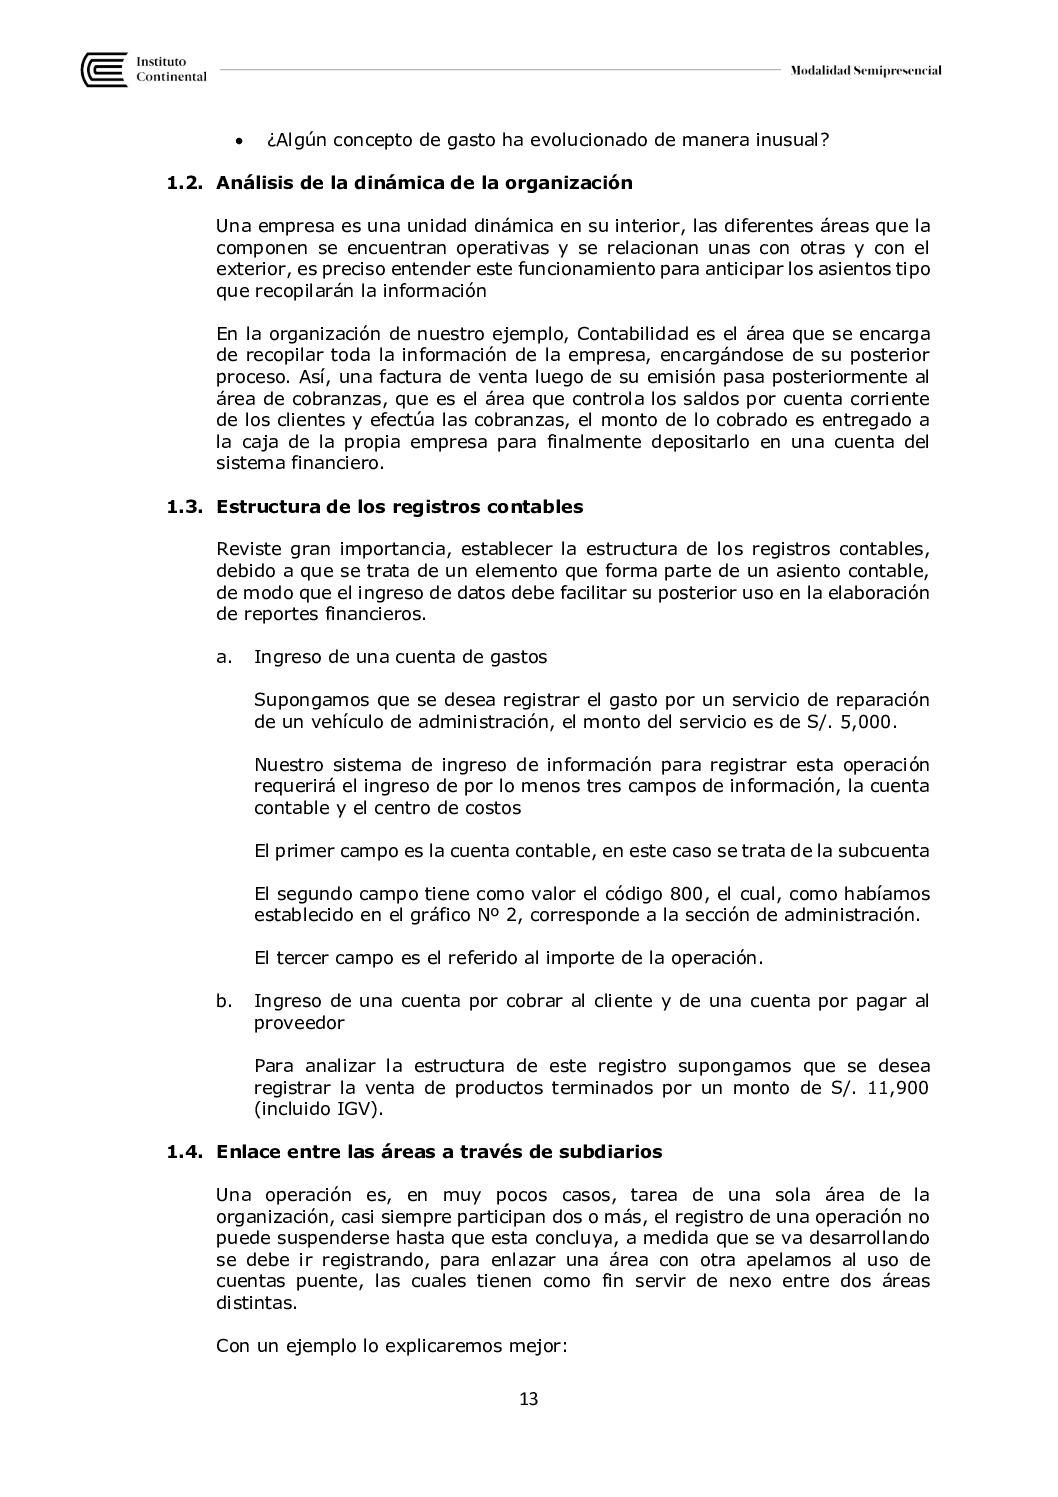 Cont 2017 Contabilidad Sectorial Ma Calameo Downloader